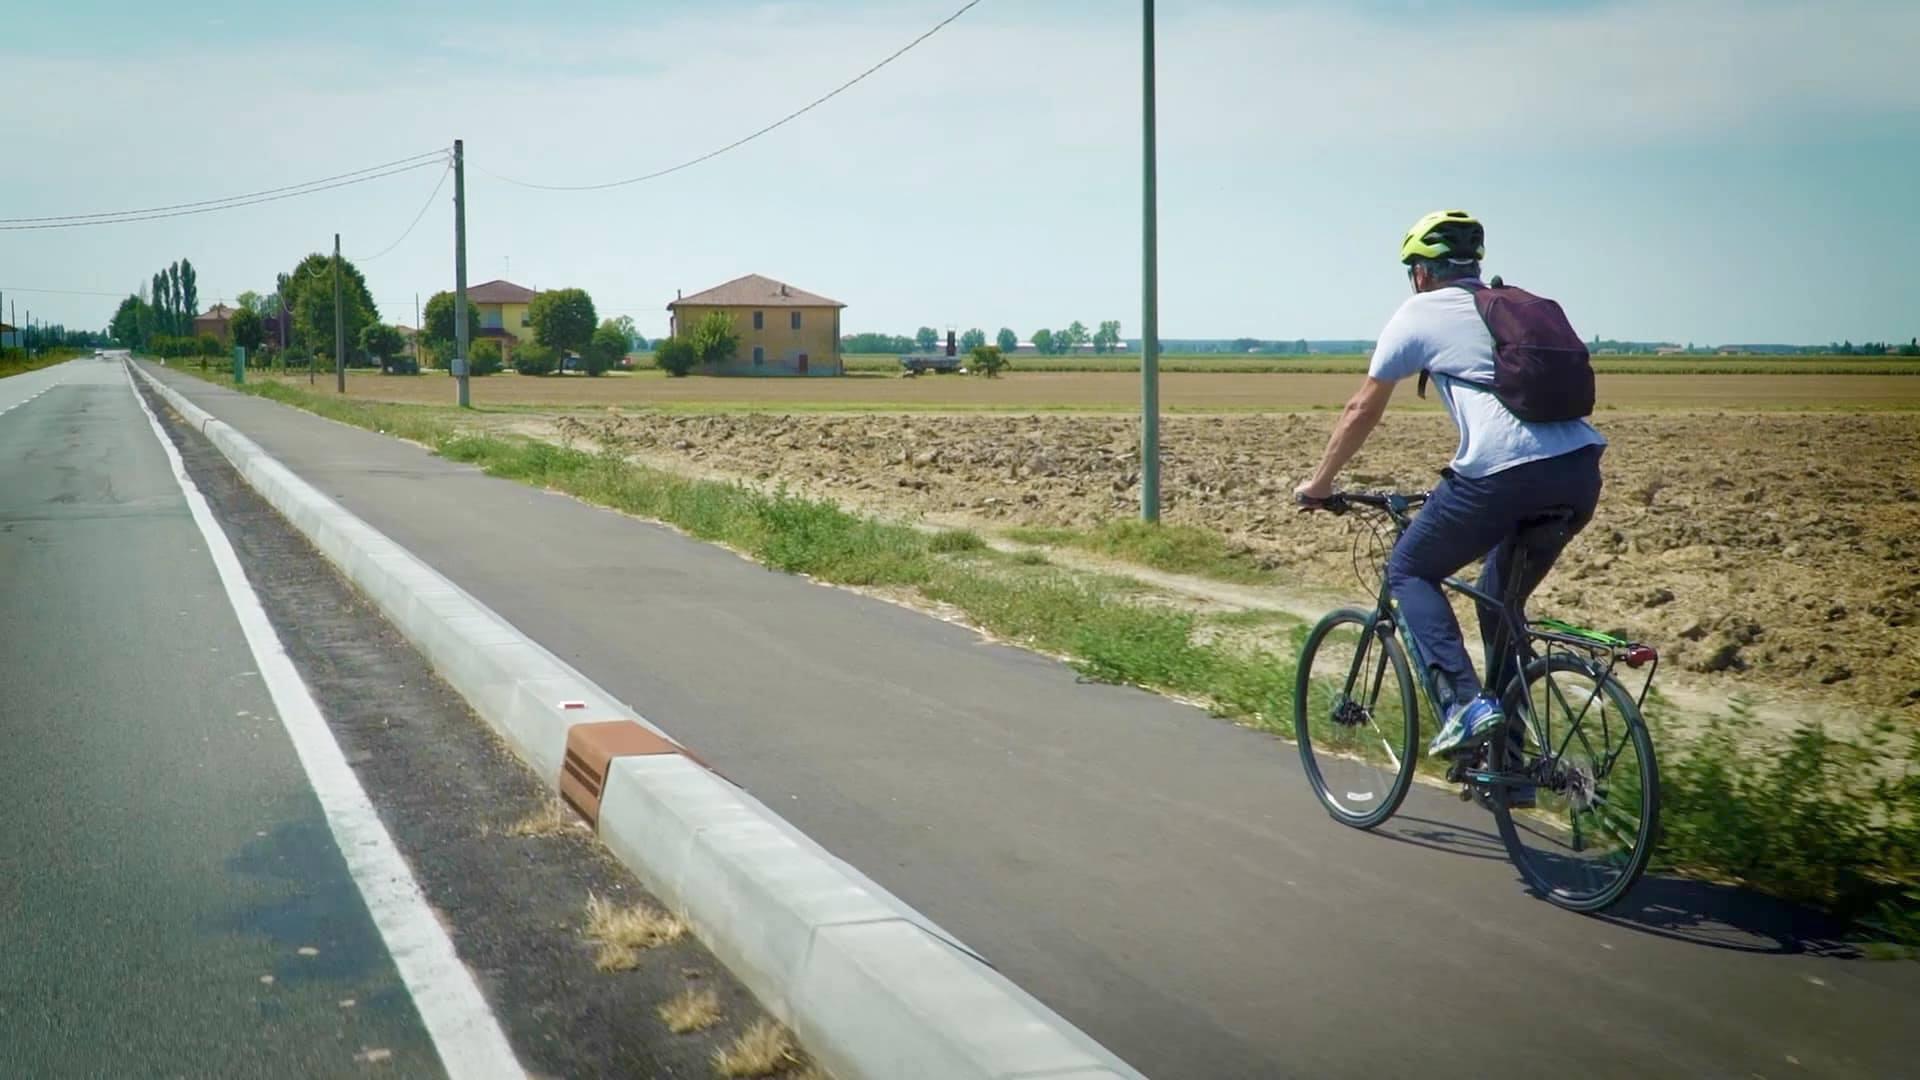 Bicipolitana di Bologna: apre il tratto stazione SFM-Ponte Rizzoli